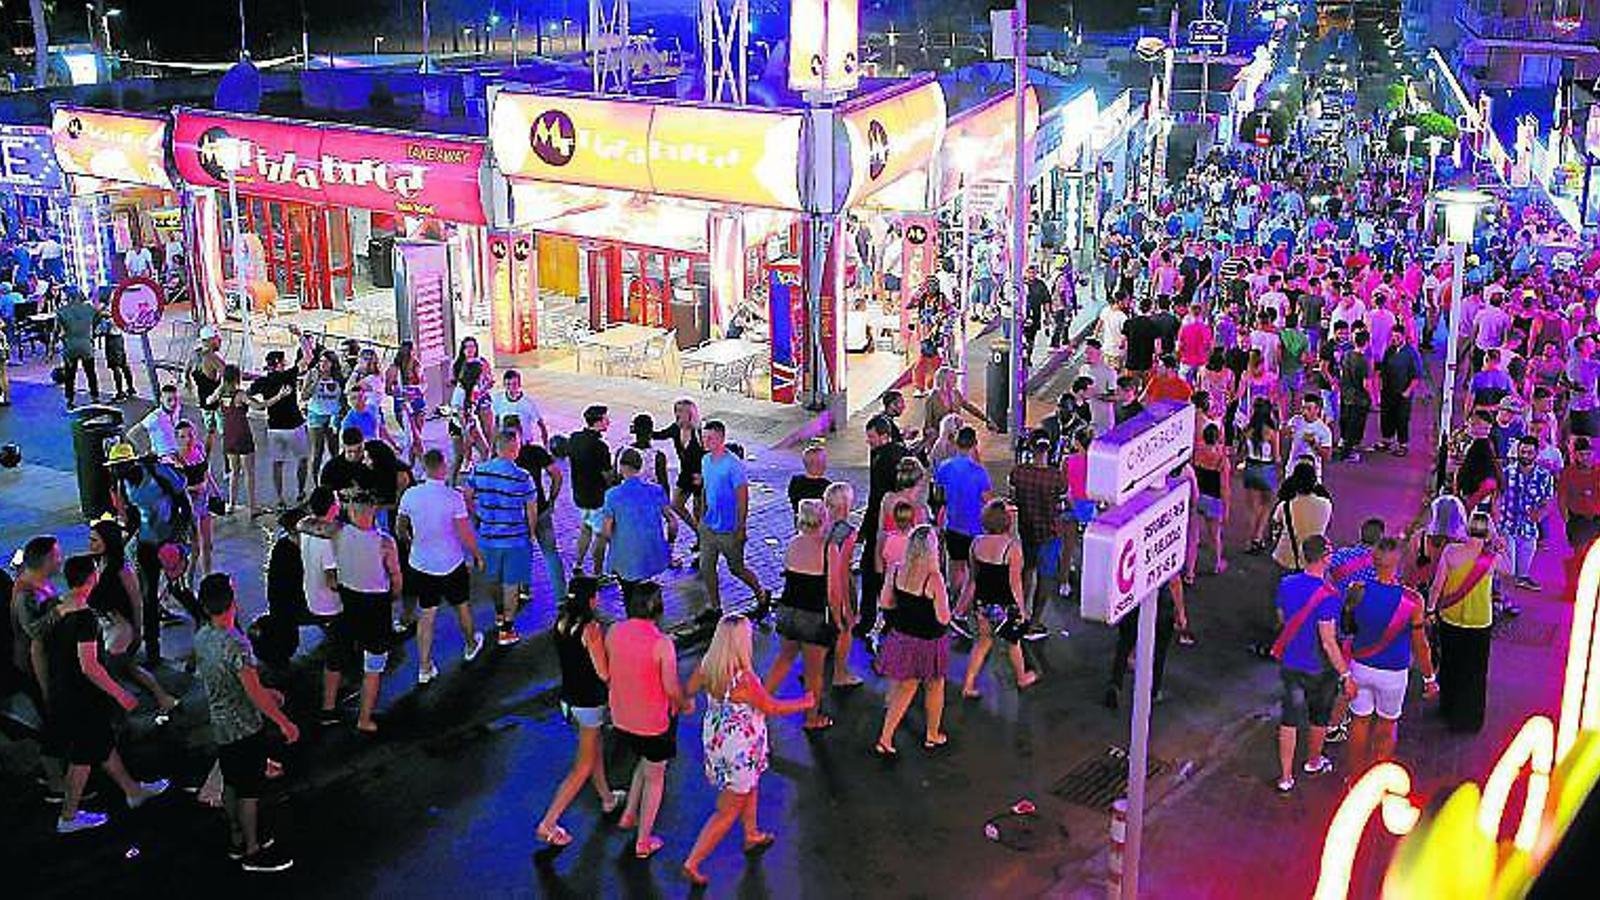 PUNTA BALENA NO DORM  És la via més concorreguda de Magaluf: cada nit s'hi apleguen prop de 8.000 persones.